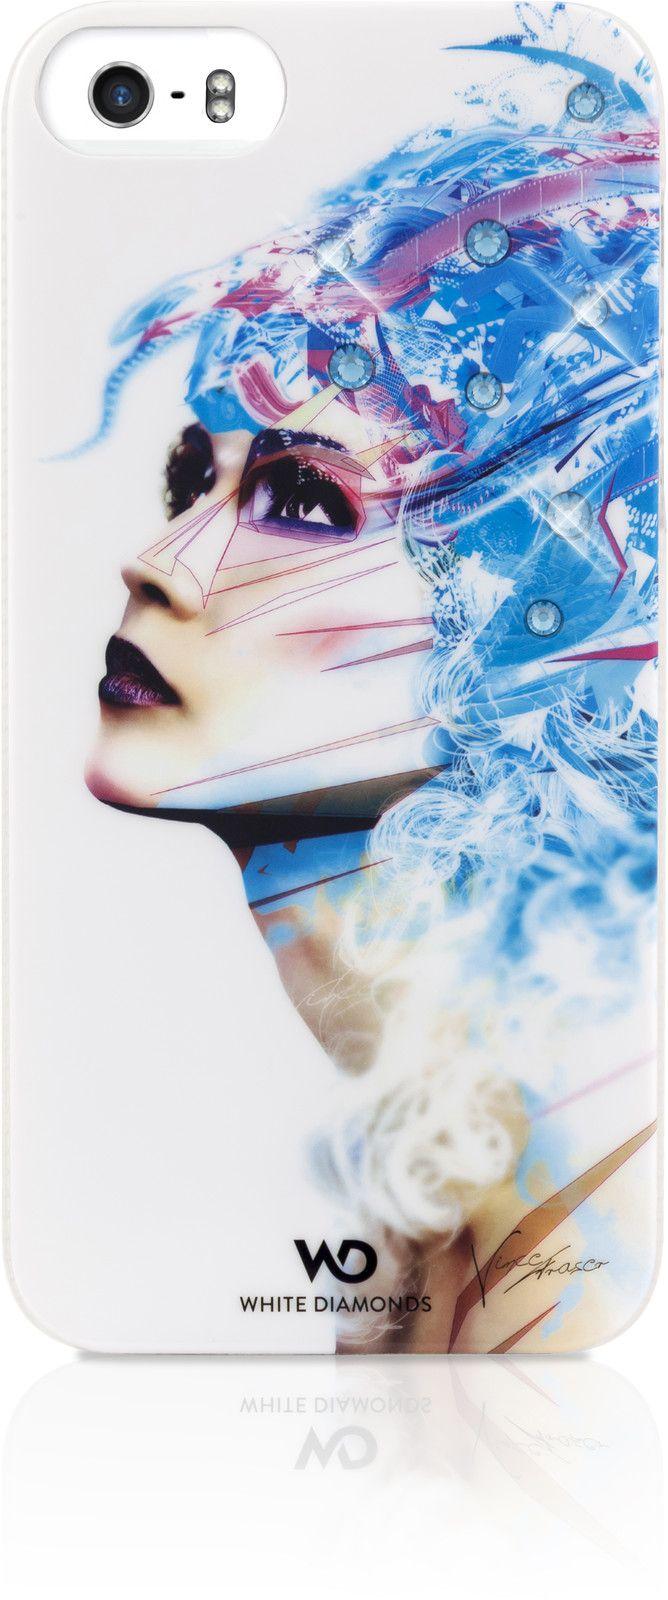 White Diamonds Isist (iPhone 5/5S/SE)